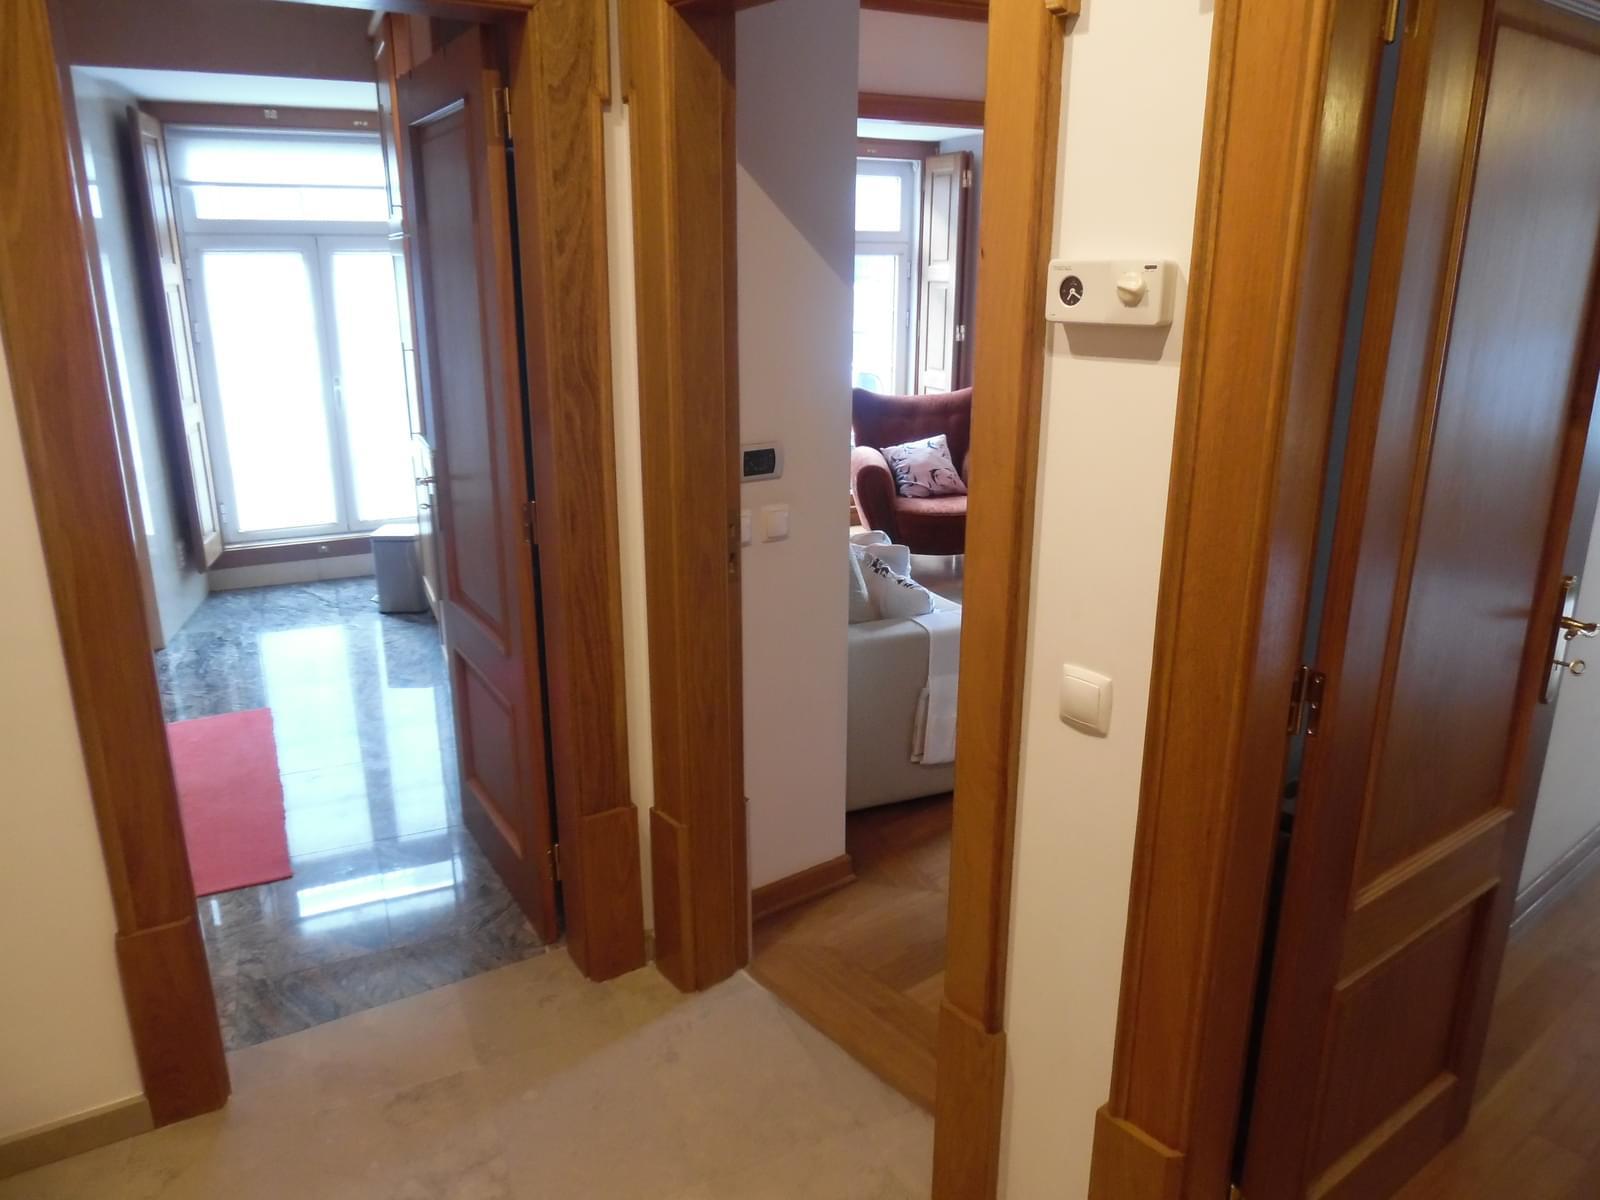 pf16905-apartamento-t1-lisboa-1e88782c-1b74-486b-94eb-da79c9d0732e